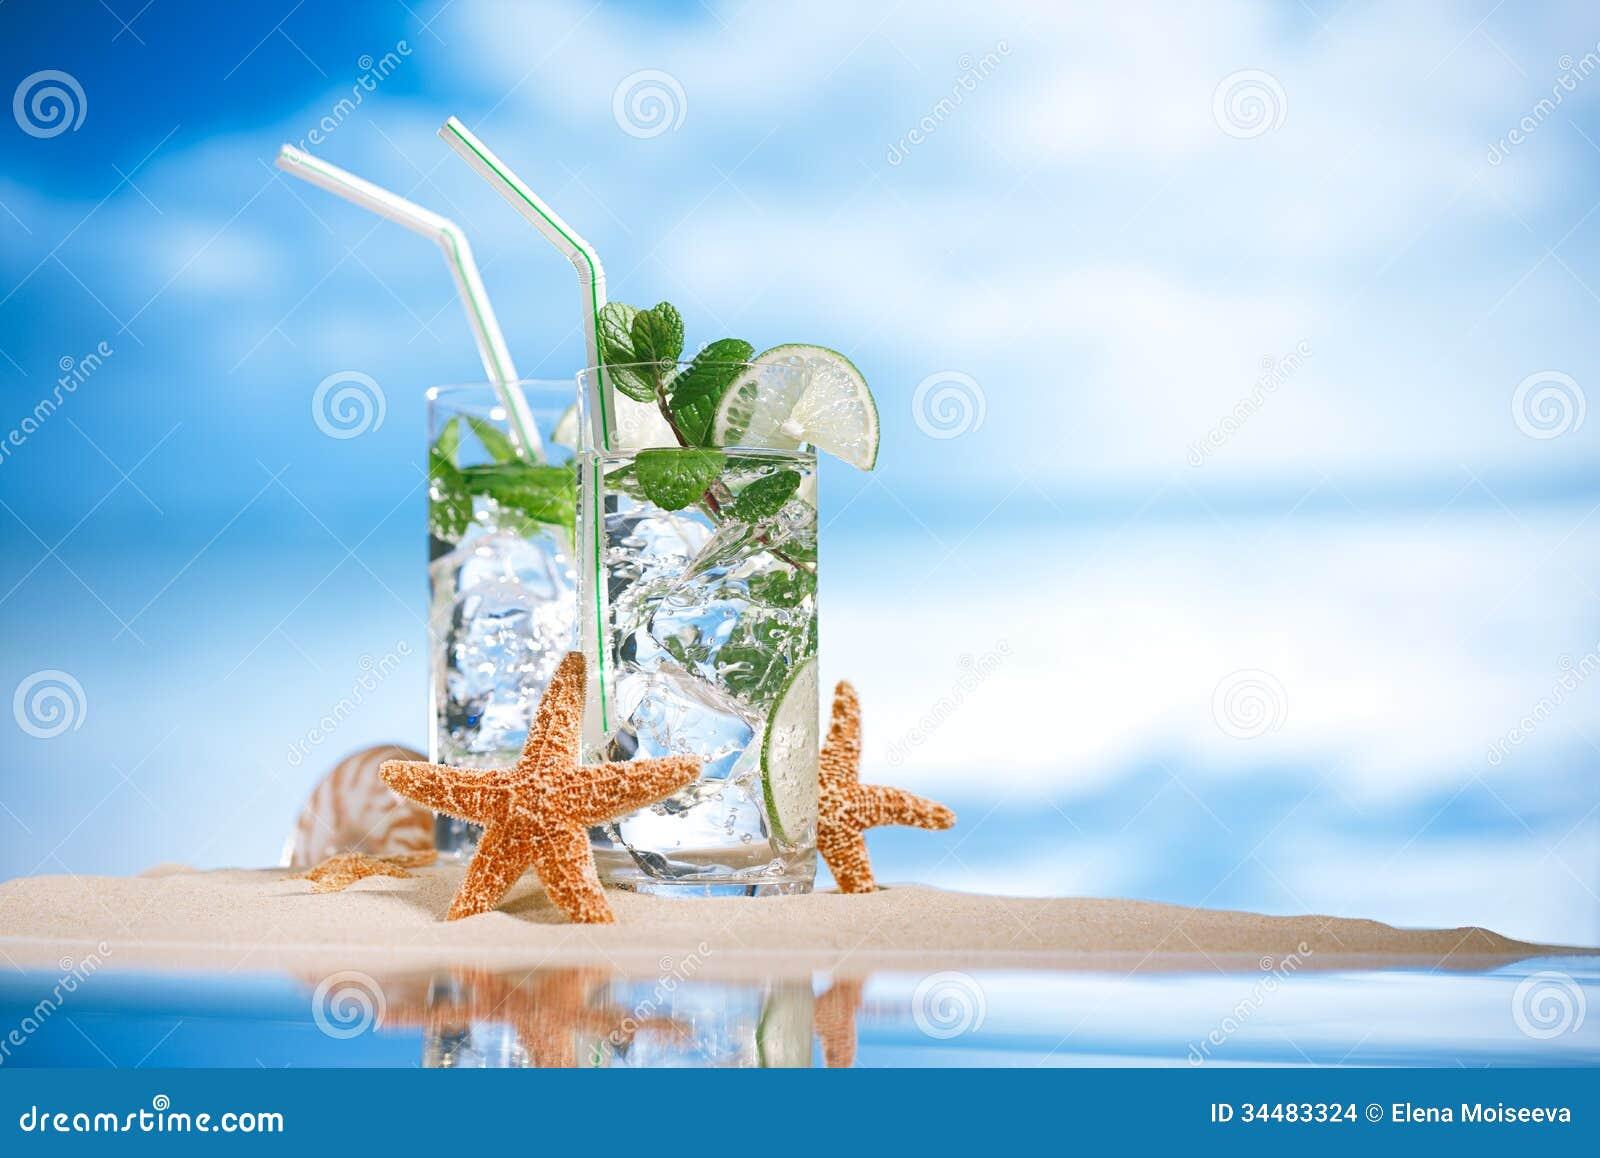 Cocktail di mojito sulla sabbia della spiaggia e sulla for Disegni di casa sulla spiaggia tropicale